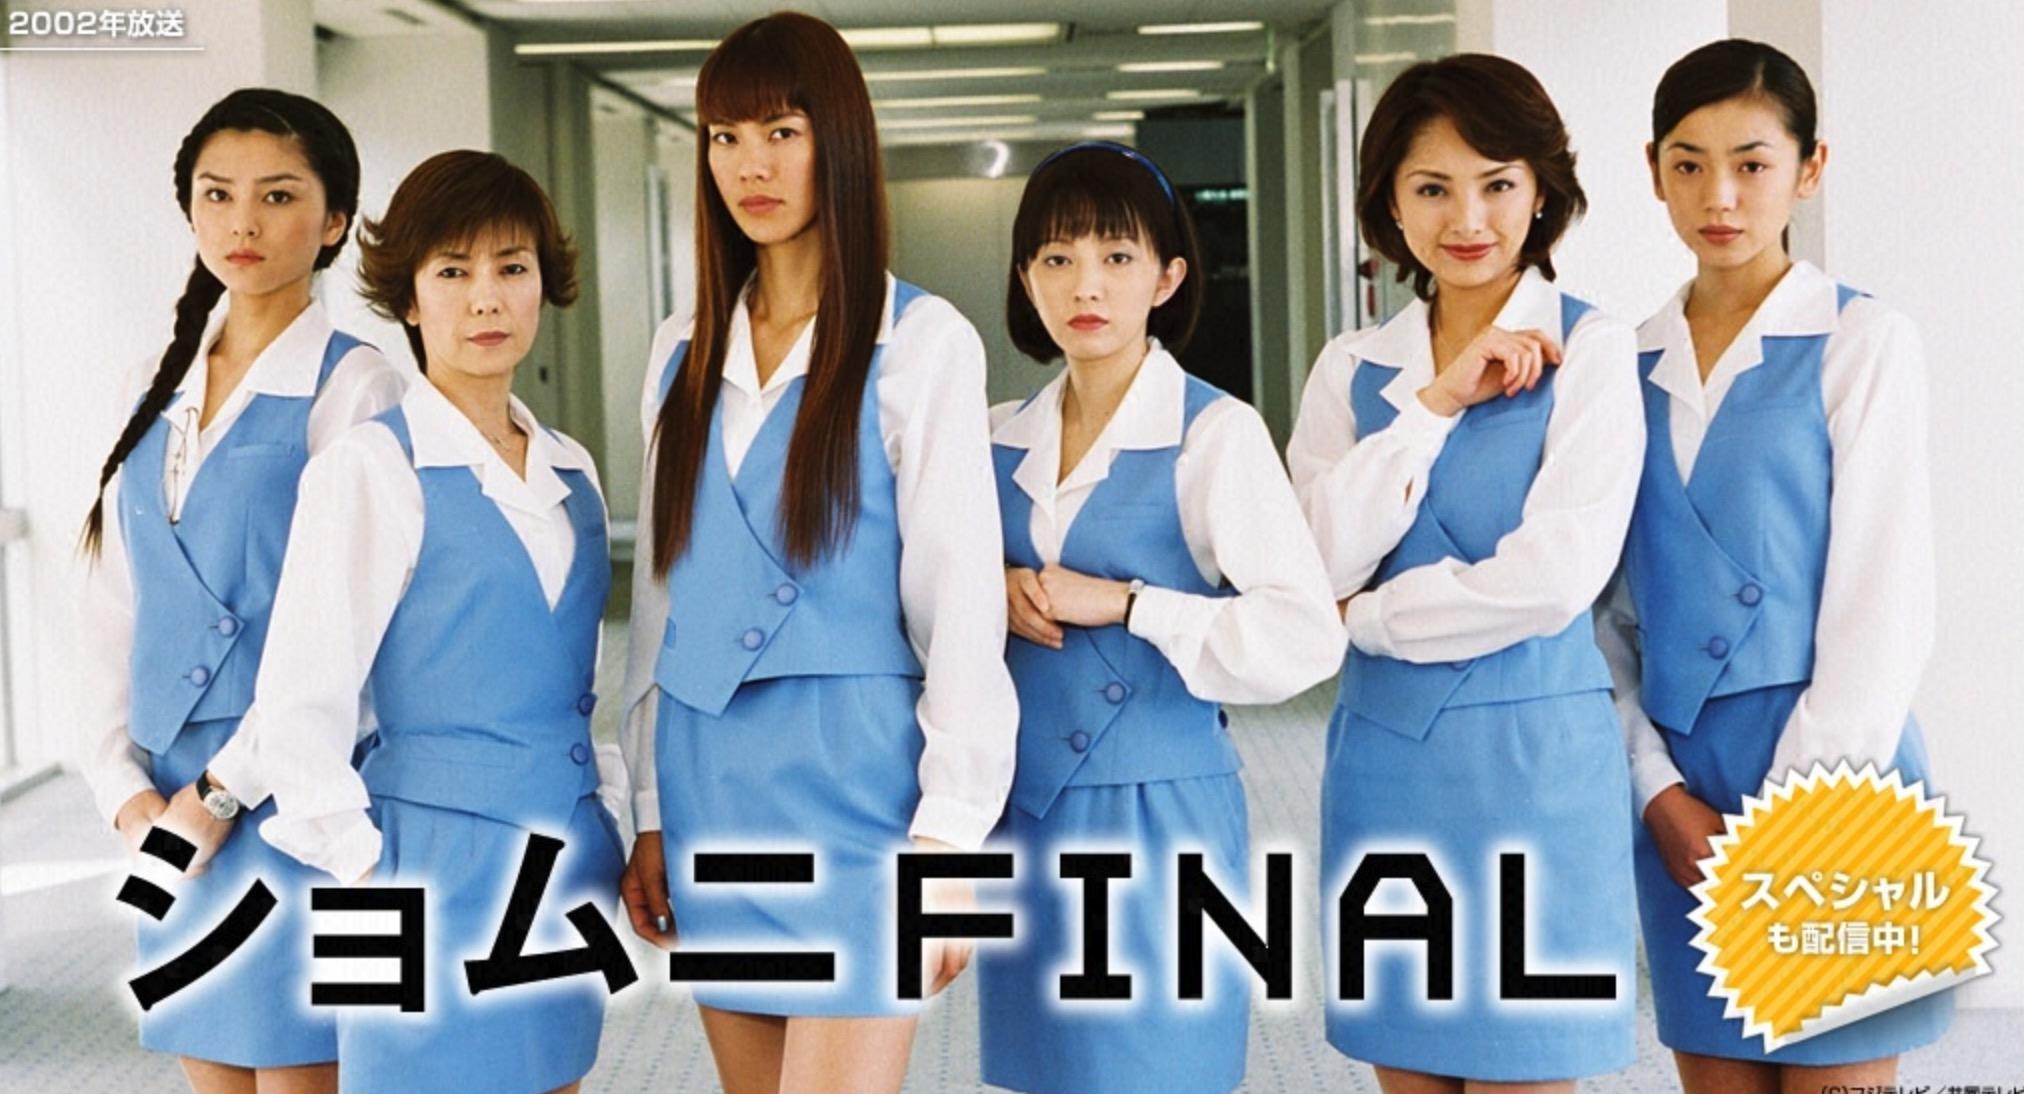 ショムニFINAL(第3シリーズ)